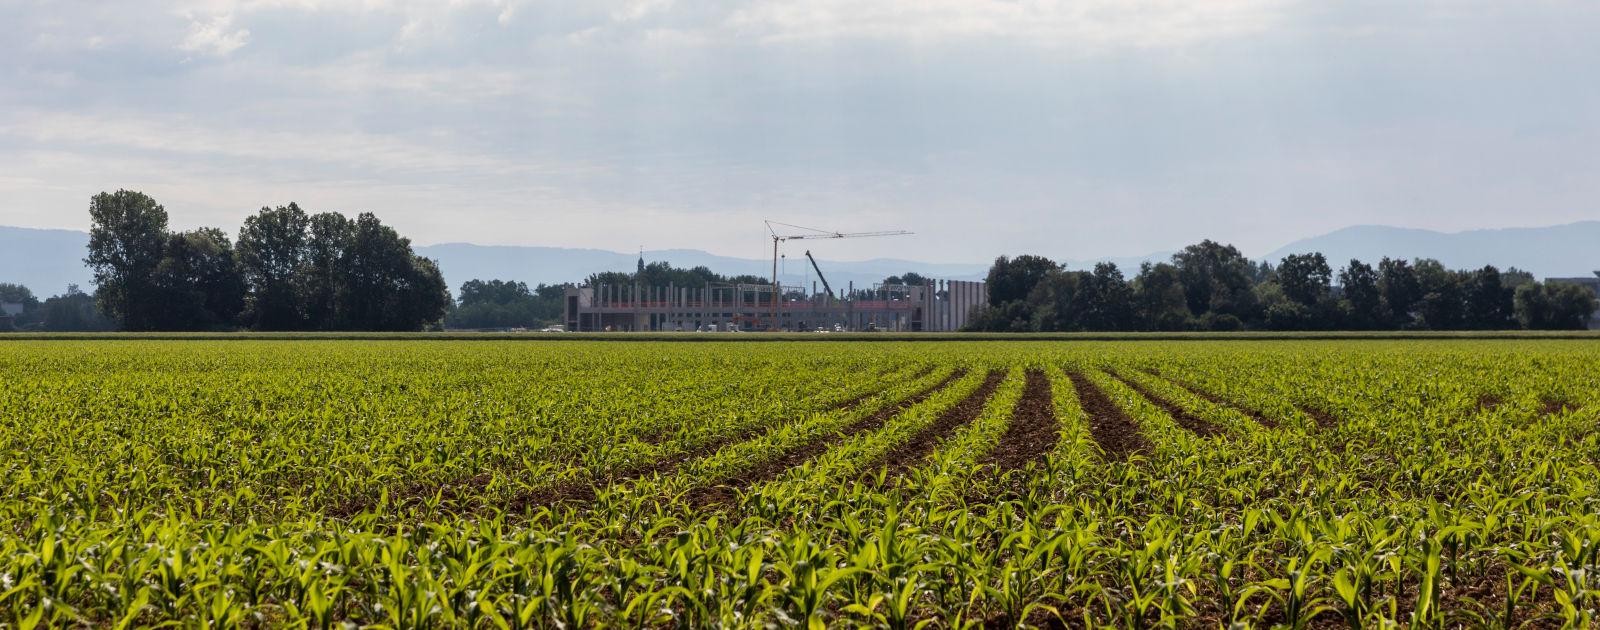 Bepflanztes Feld und im Hintergund eine Baustelle mit Kran